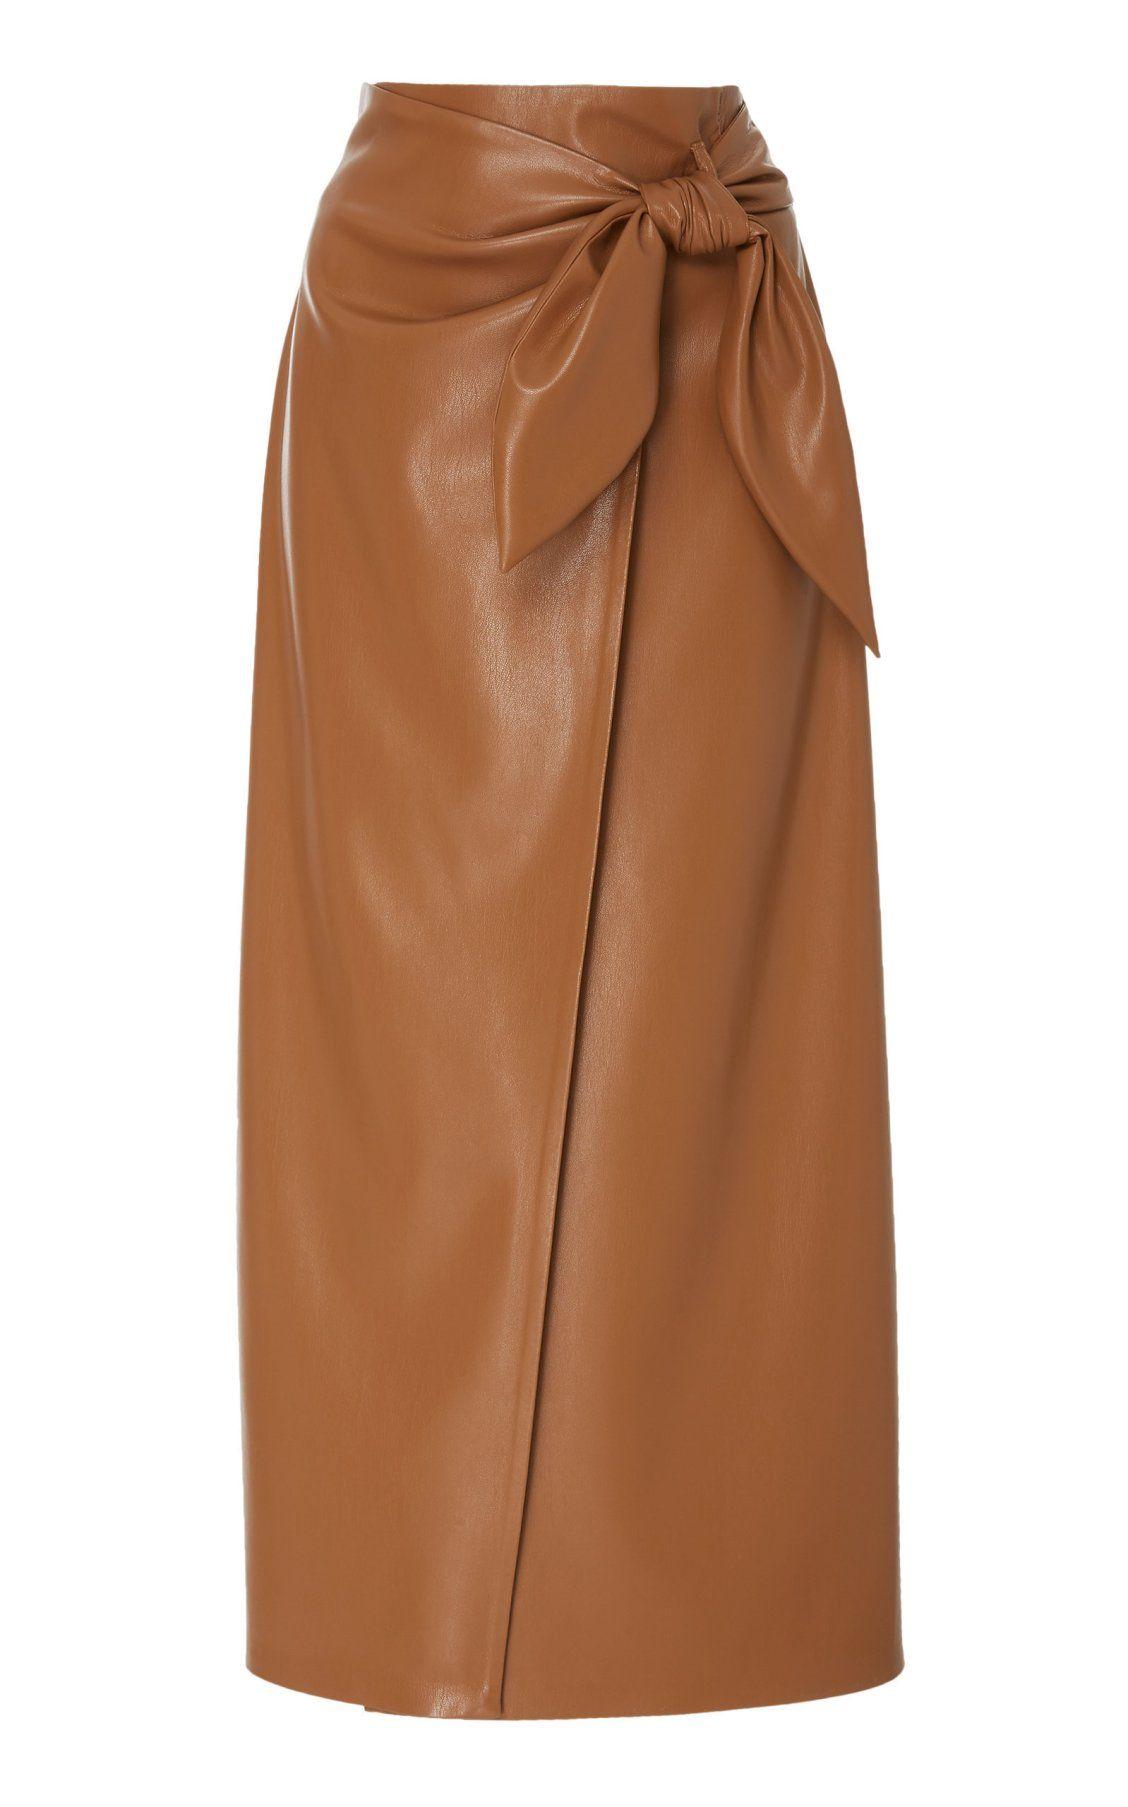 e8c929e054 Amas Tie Front Vegan Leather Midi Skirt by Nanushka PF19   Moda Operandi